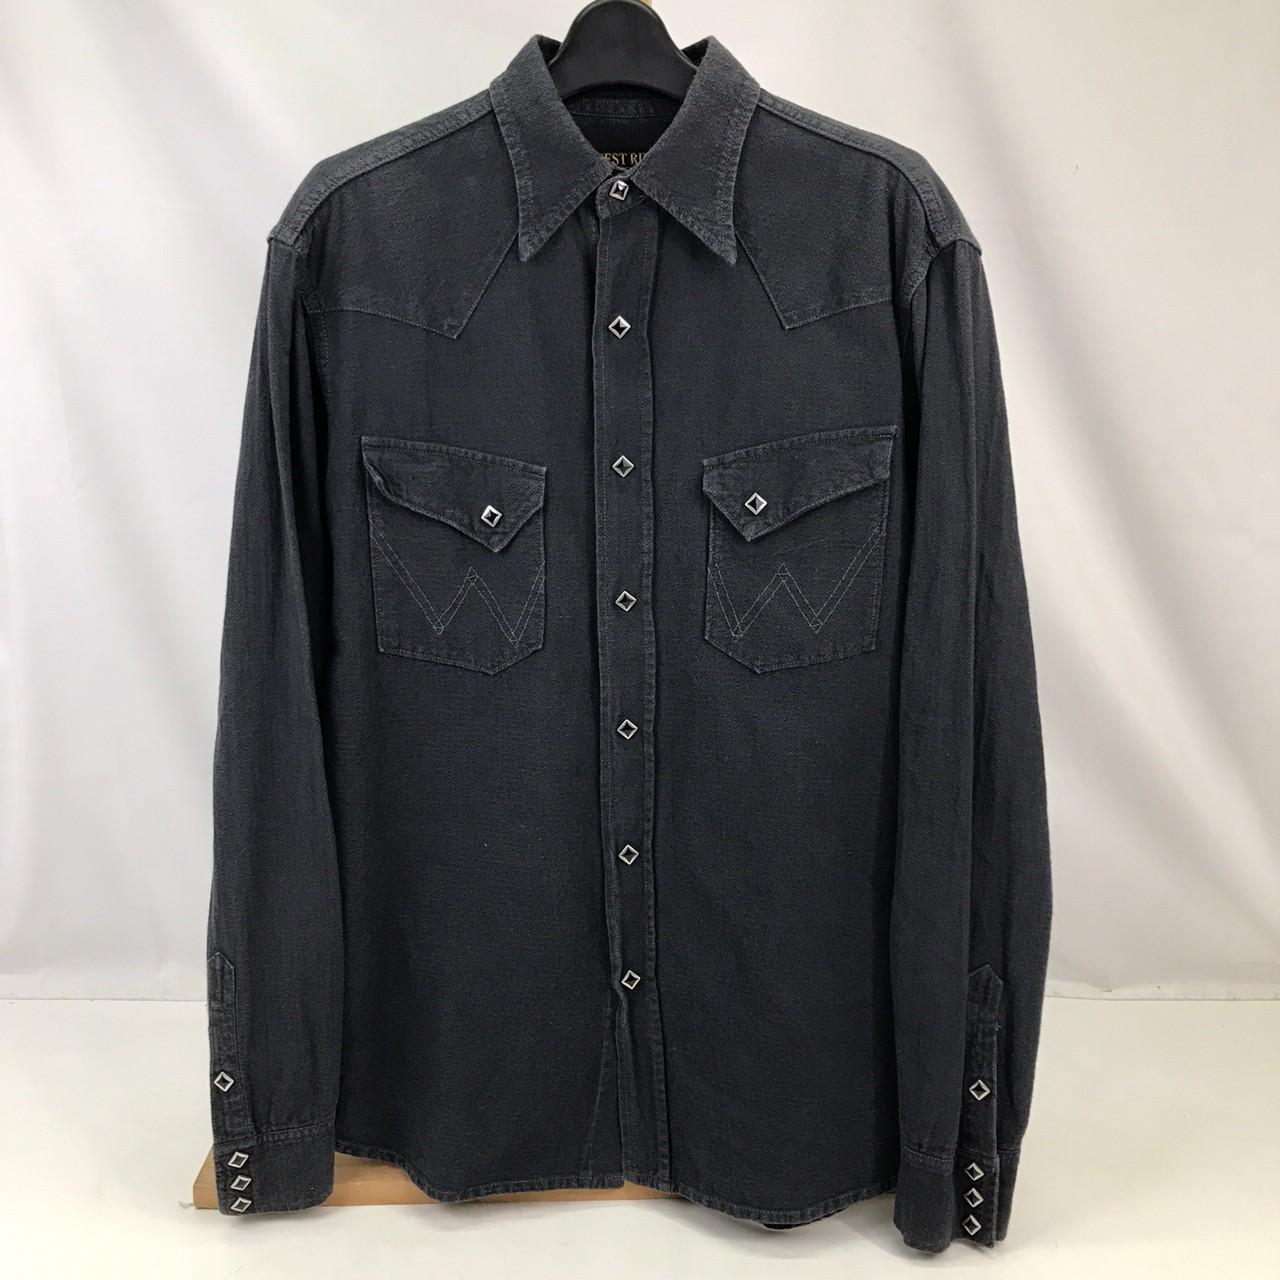 中古 WEST RIDE 大人気 ウエストライド 長袖シャツ カジュアルシャツ 大規模セール トップス メンズ BLACK 無地 黒 アメカジ ブラック 中古品 サイズ42 01r2248